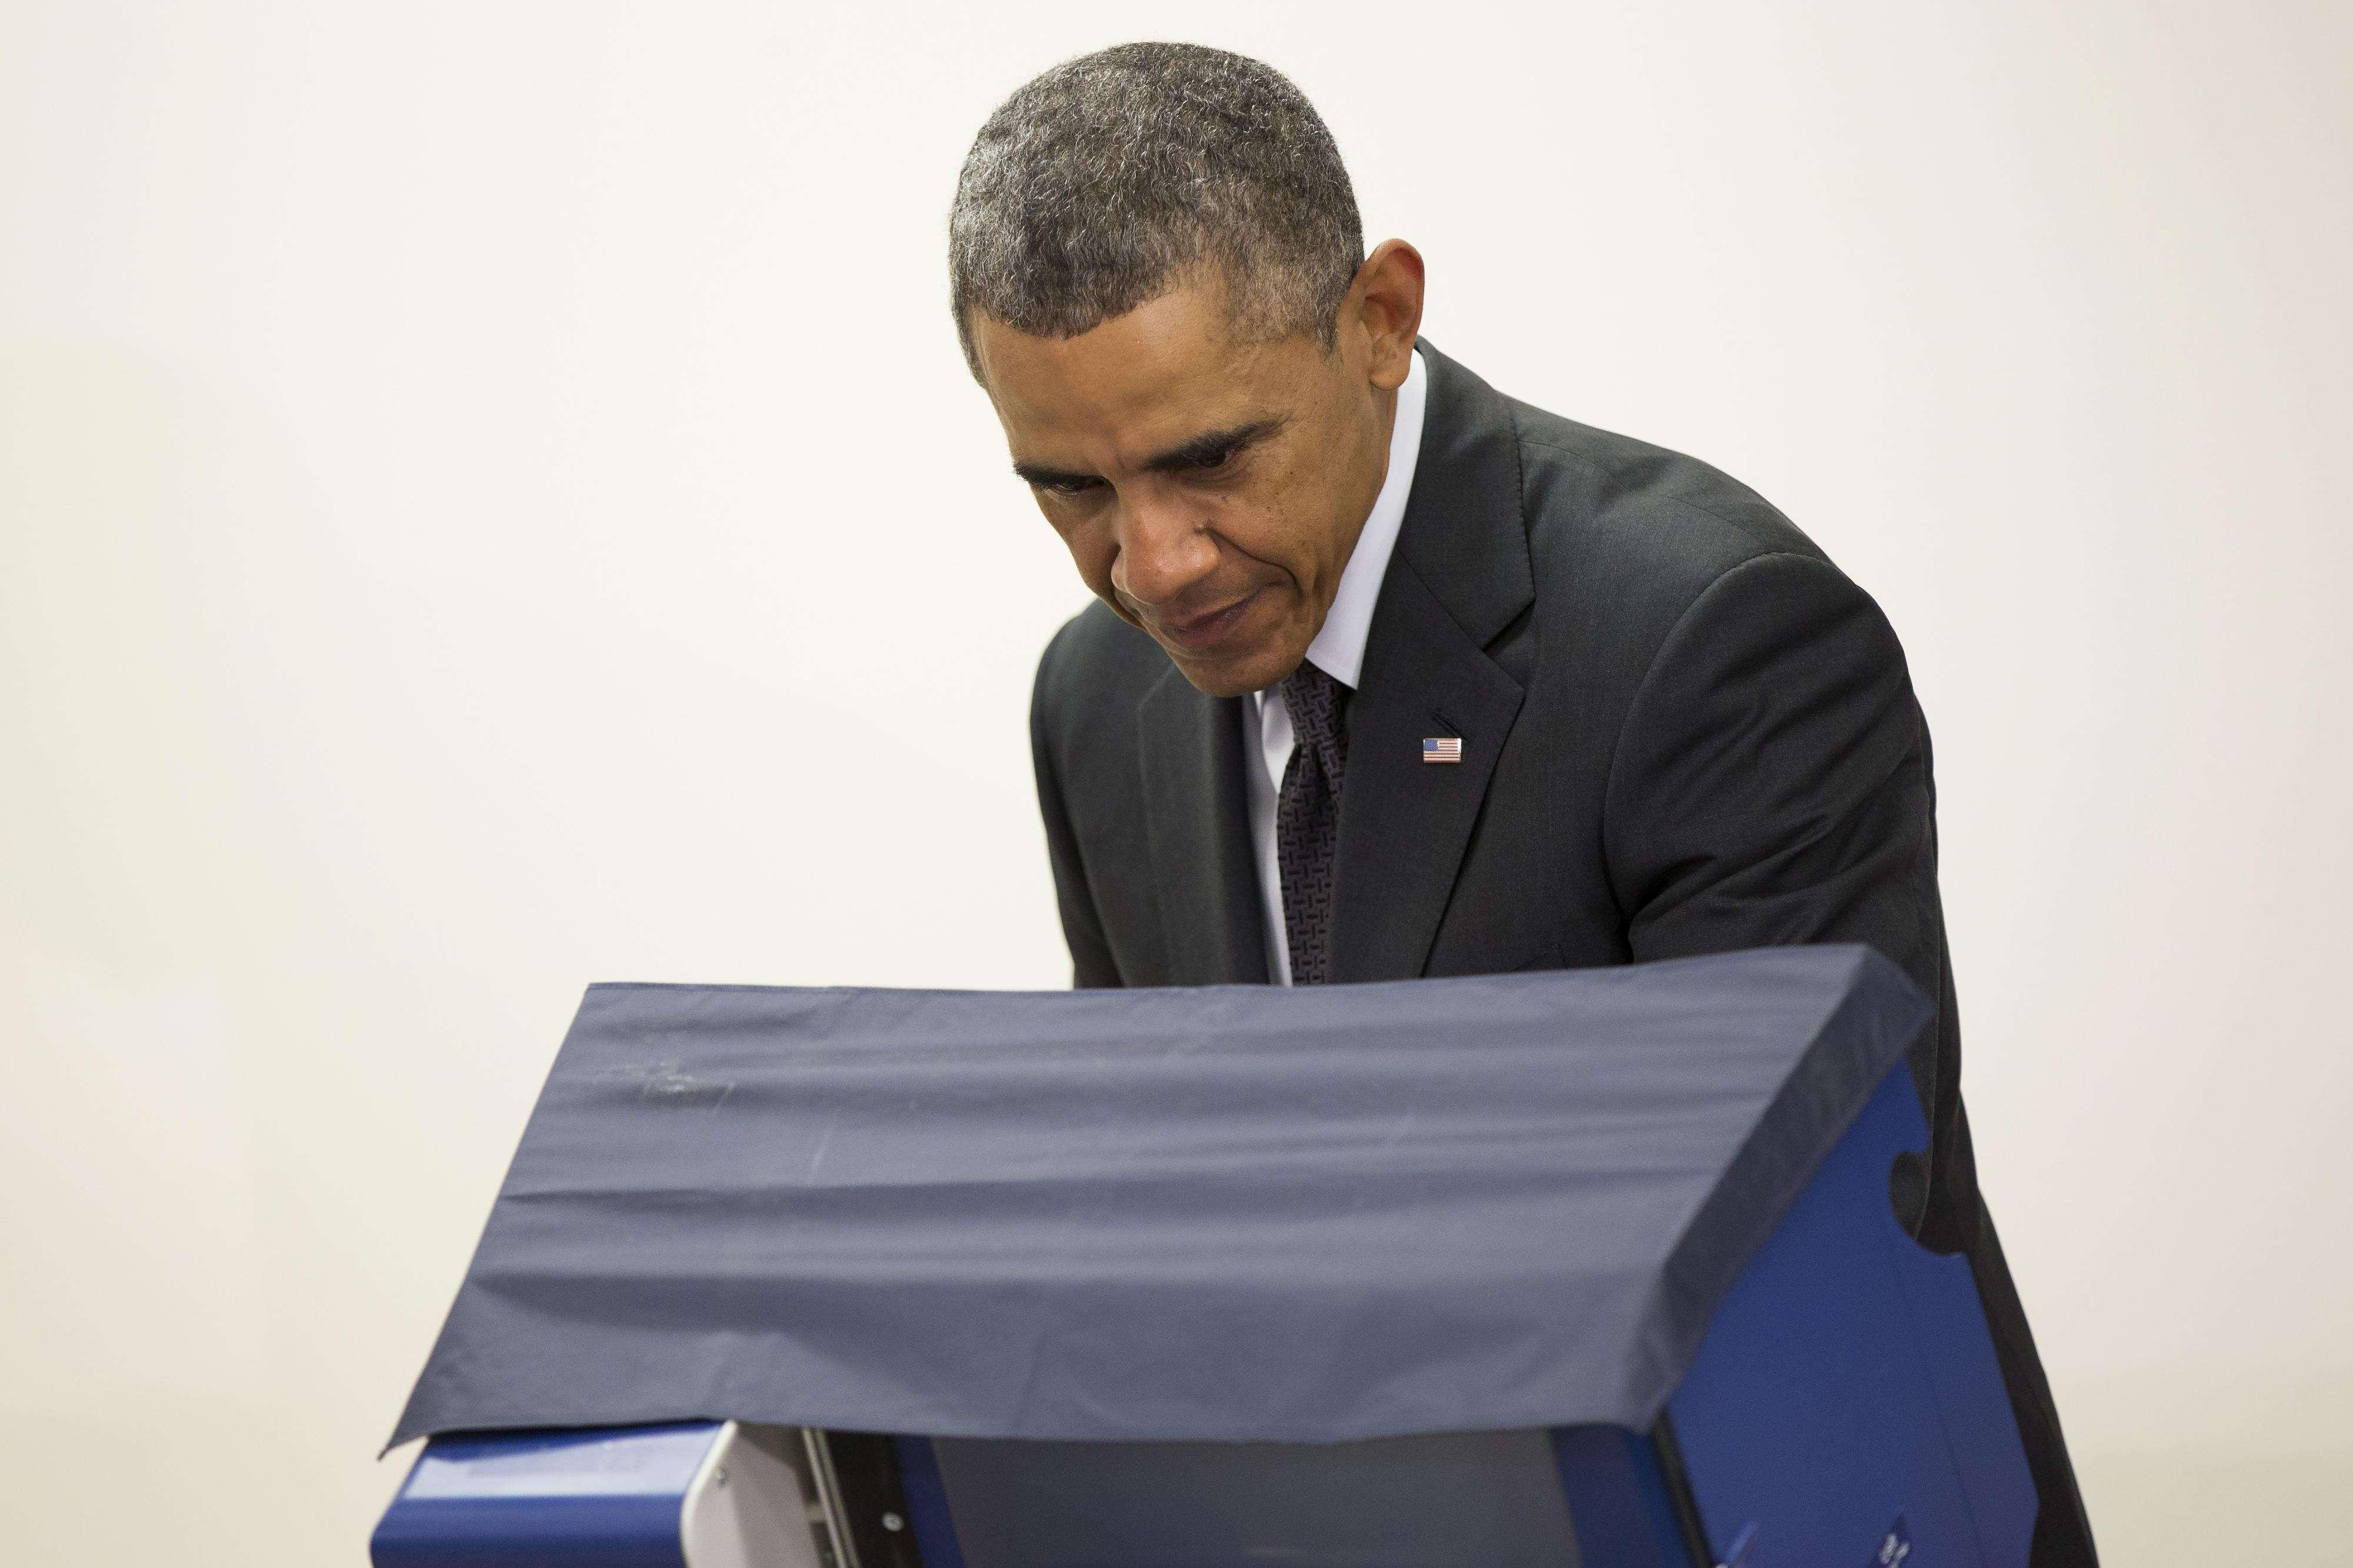 El presidente Obama emitió por adelantado su voto este lunes para las elecciones del 4 de noviembre. Foto: AP en español